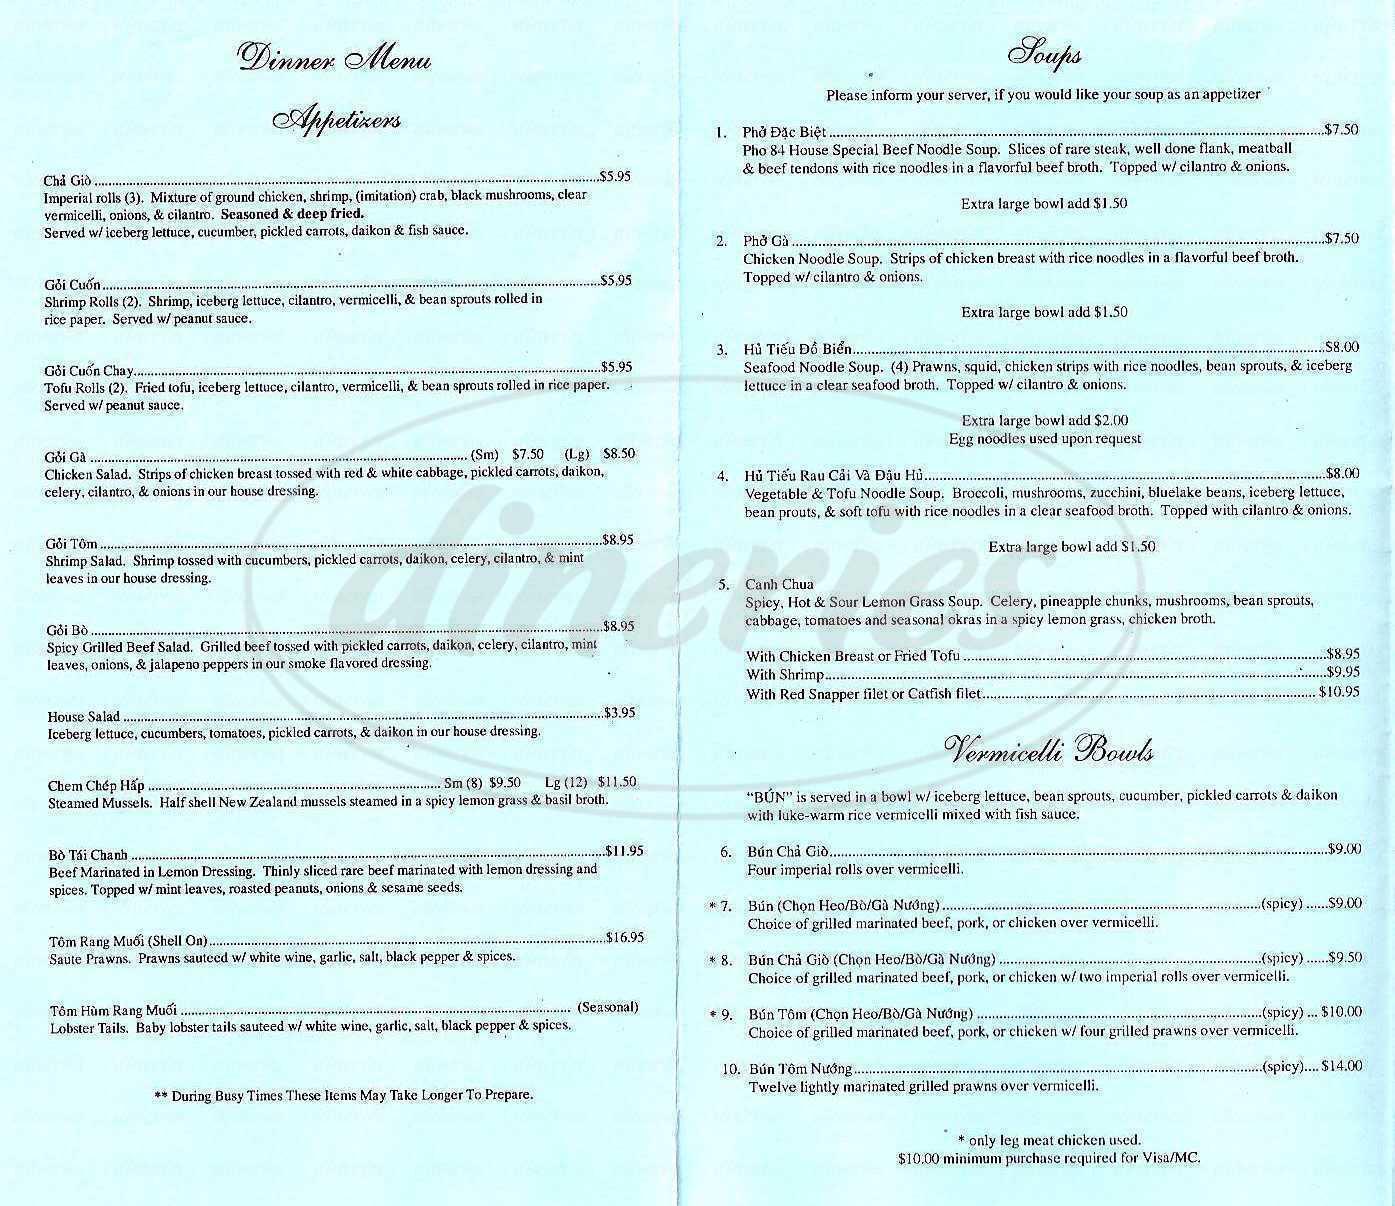 menu for Pho 84